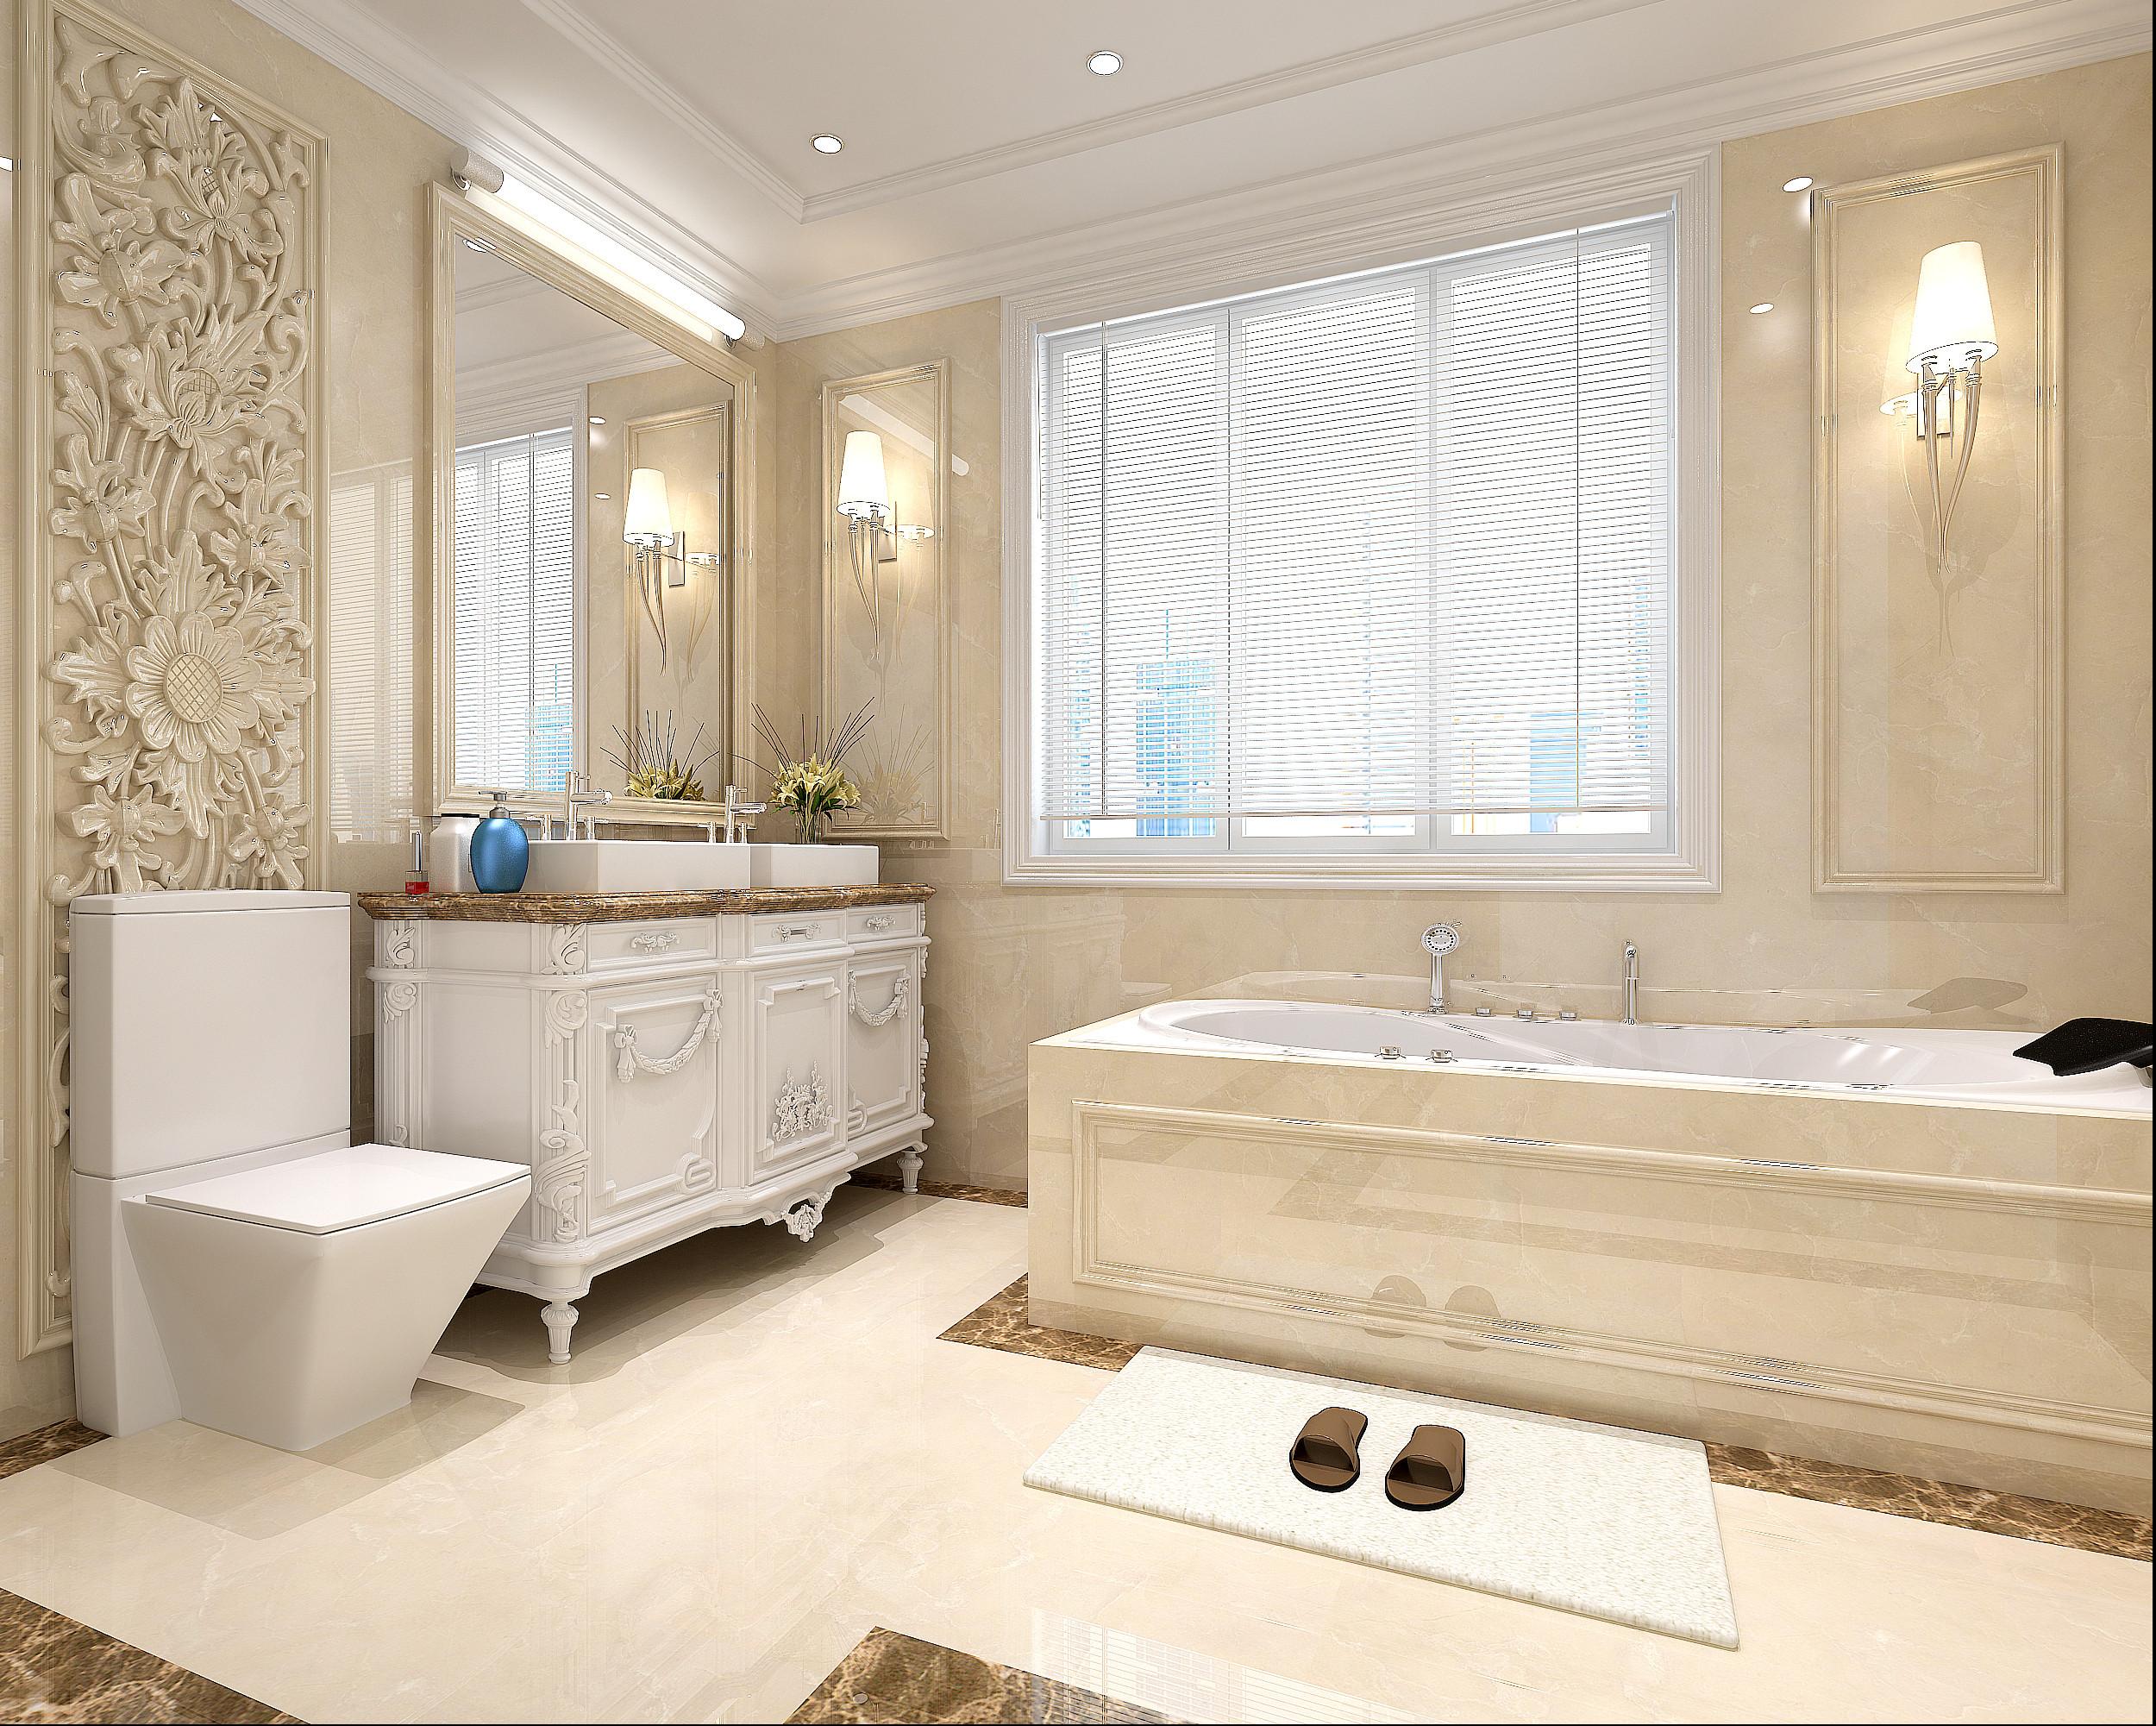 法式轻奢风格别墅装修卫生间效果图